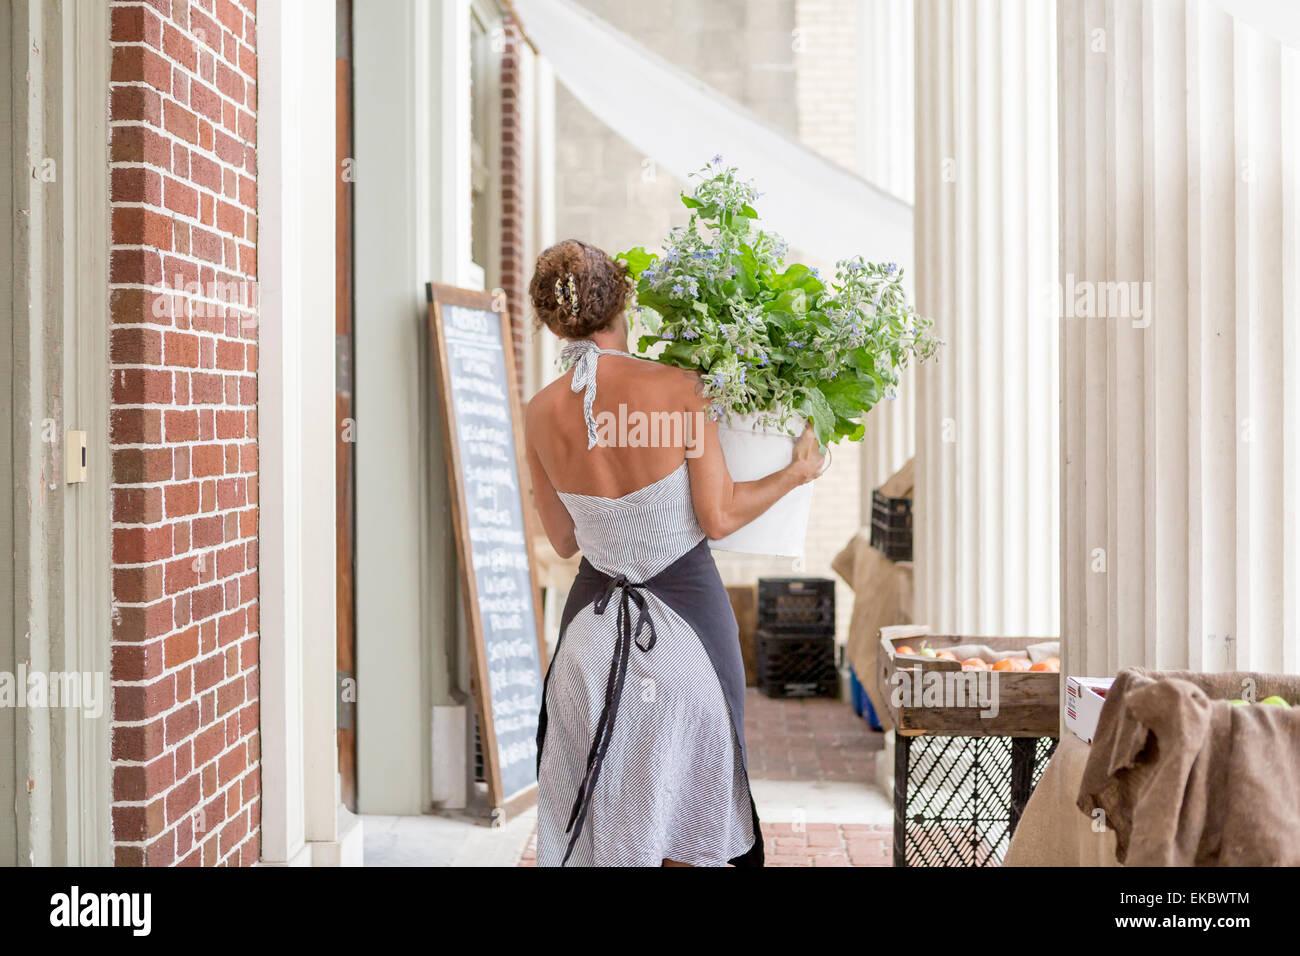 Una mujer descarga productos orgánicos fuera de una tienda de comestibles Imagen De Stock